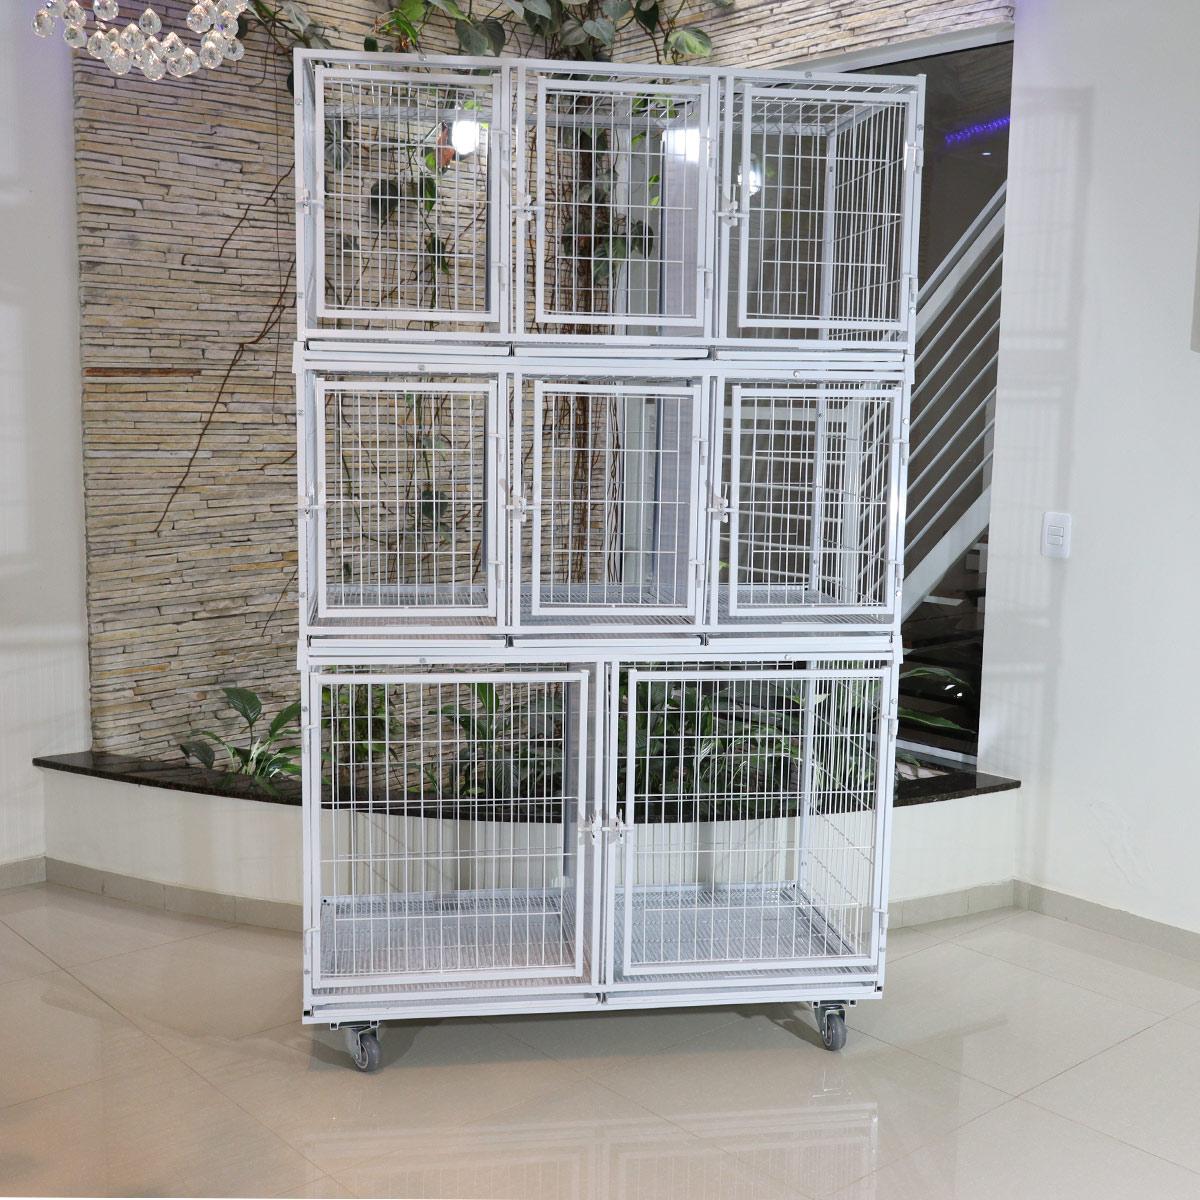 Canil Gatil 8 Lugares MODULAR Banho E Tosa Pet Shop Veterinária-Prata